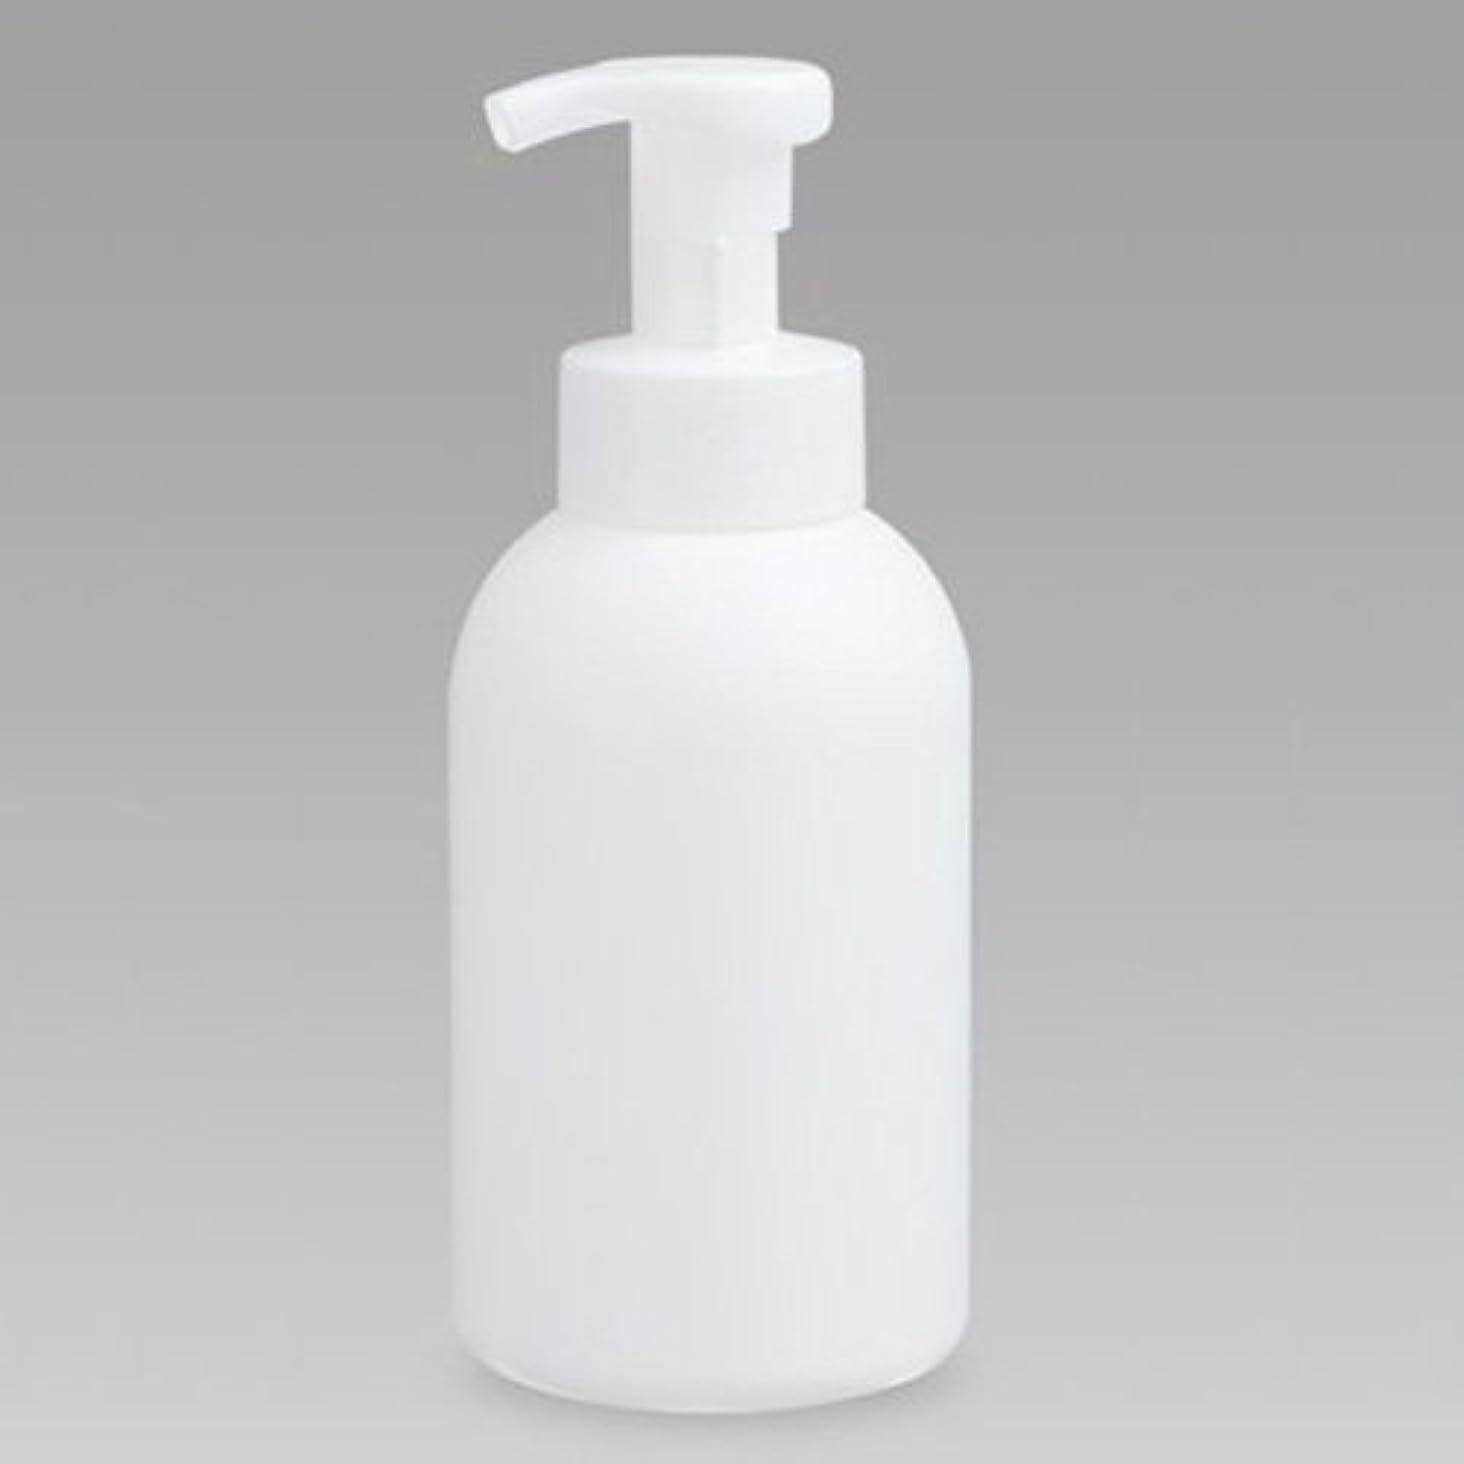 まとめる宇宙の苦難泡ボトル 泡ポンプボトル 500mL(PE) ホワイト 詰め替え 詰替 泡ハンドソープ 全身石鹸 ボディソープ 洗顔フォーム